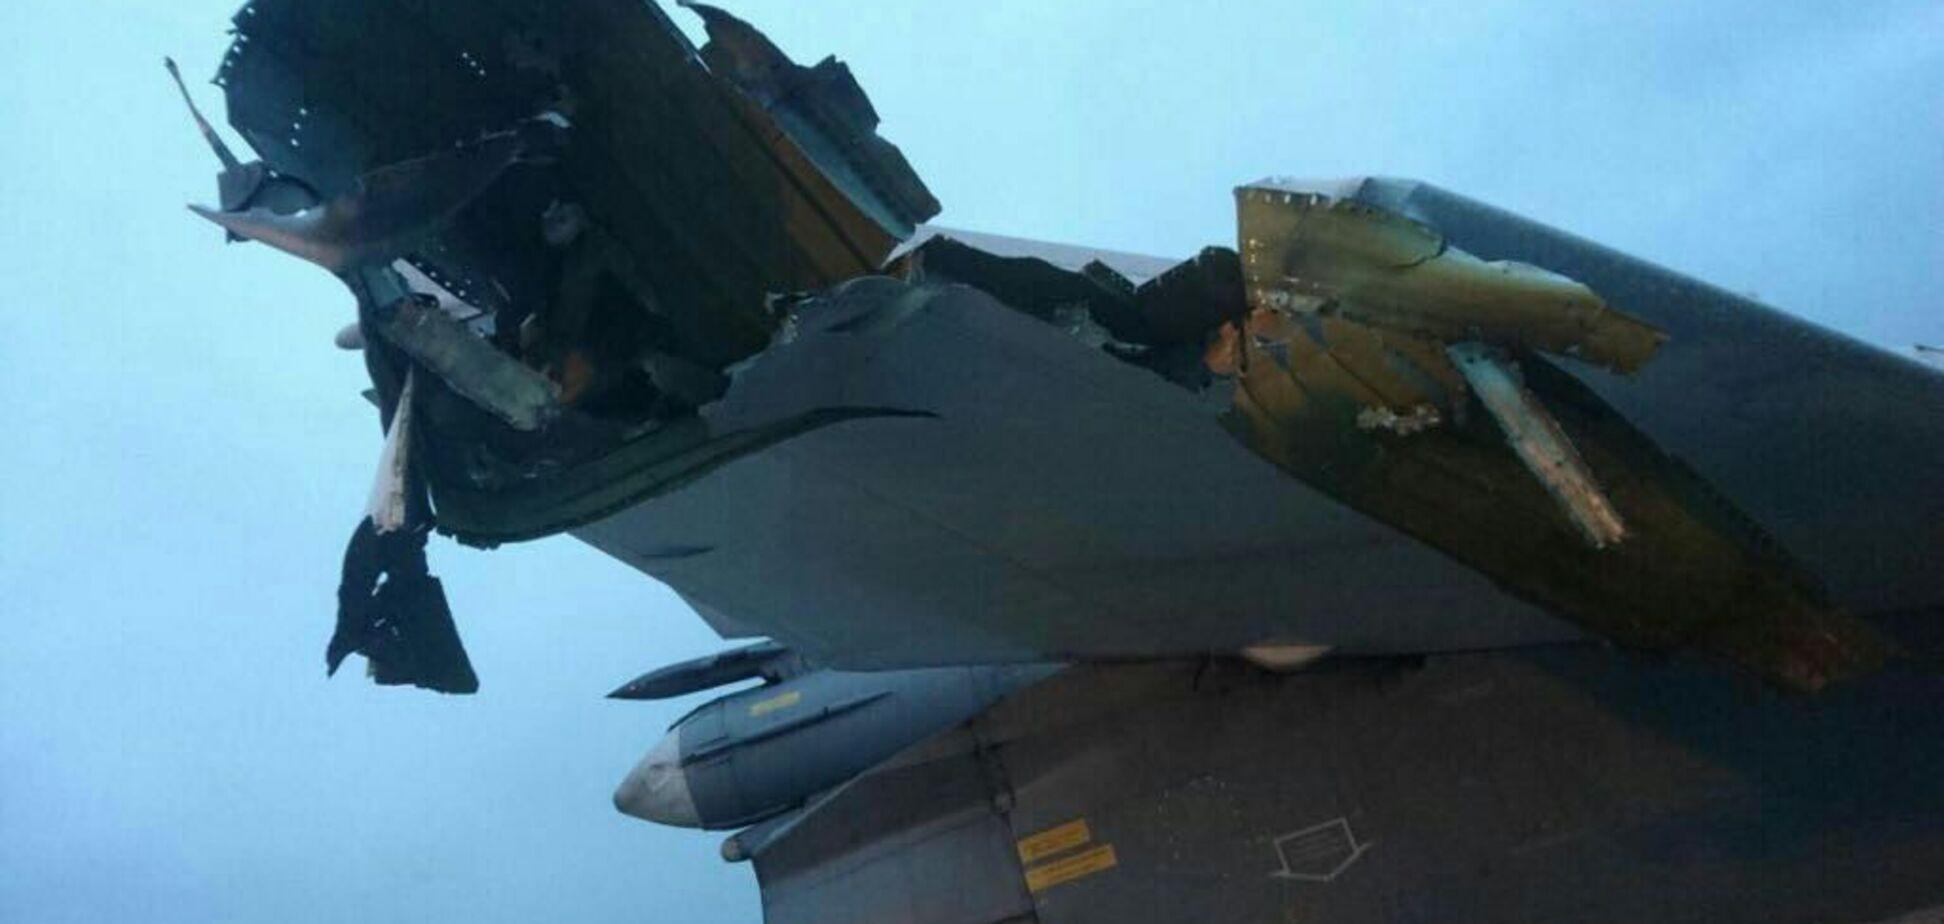 У Путина окончательно заврались: появились эксклюзивные фото масштабных потерь России в Сирии